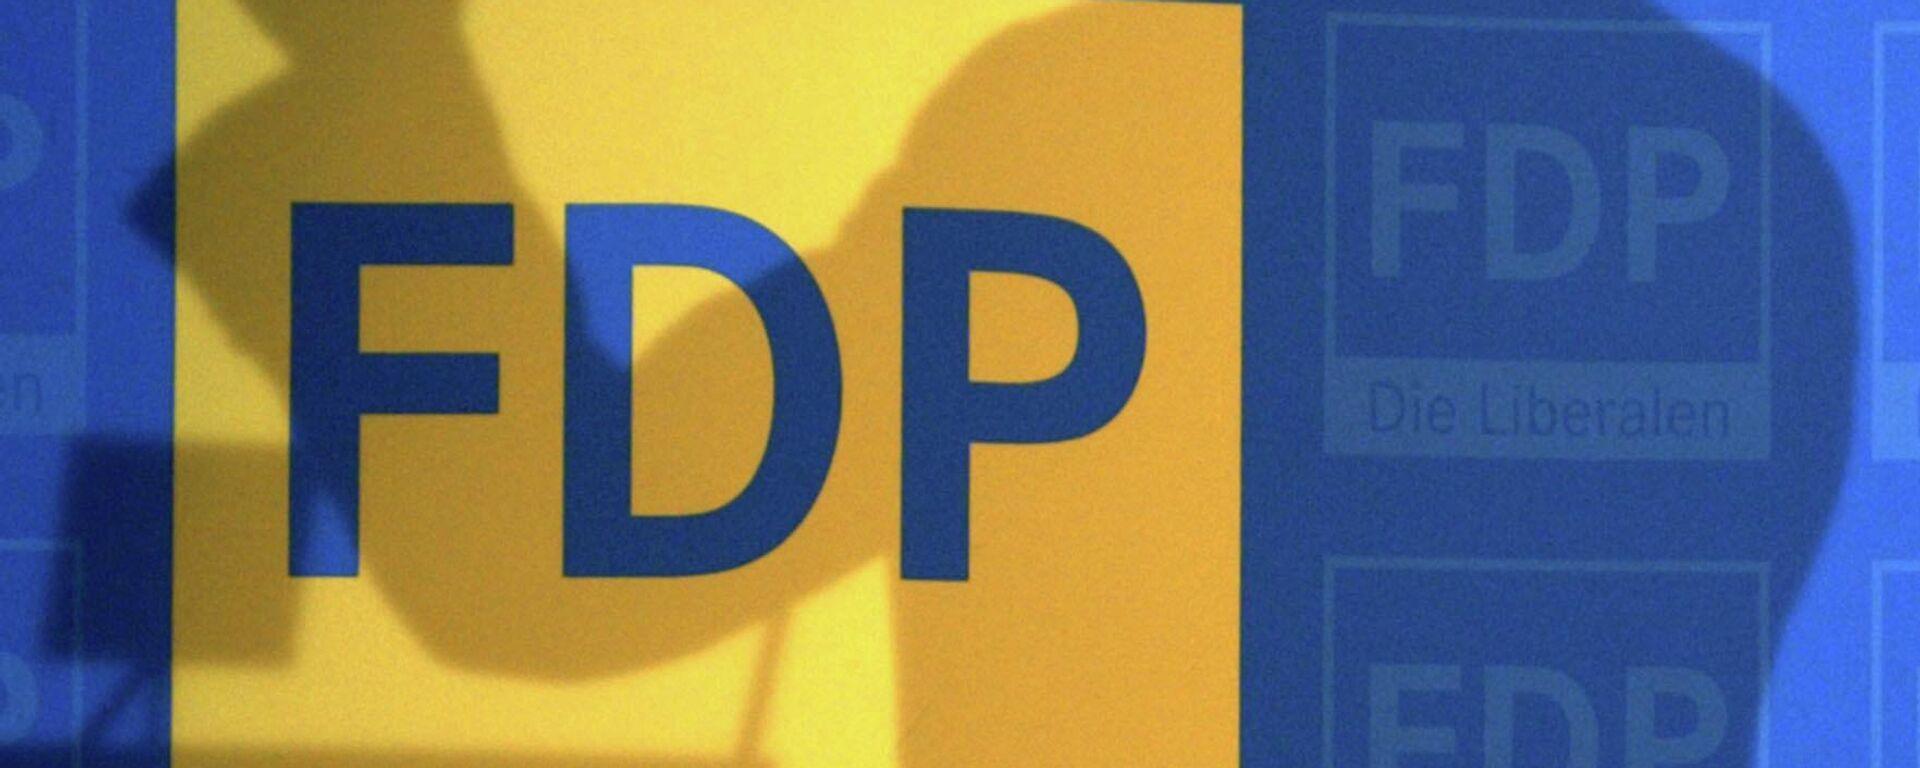 FDP Logo - SNA, 1920, 10.09.2021